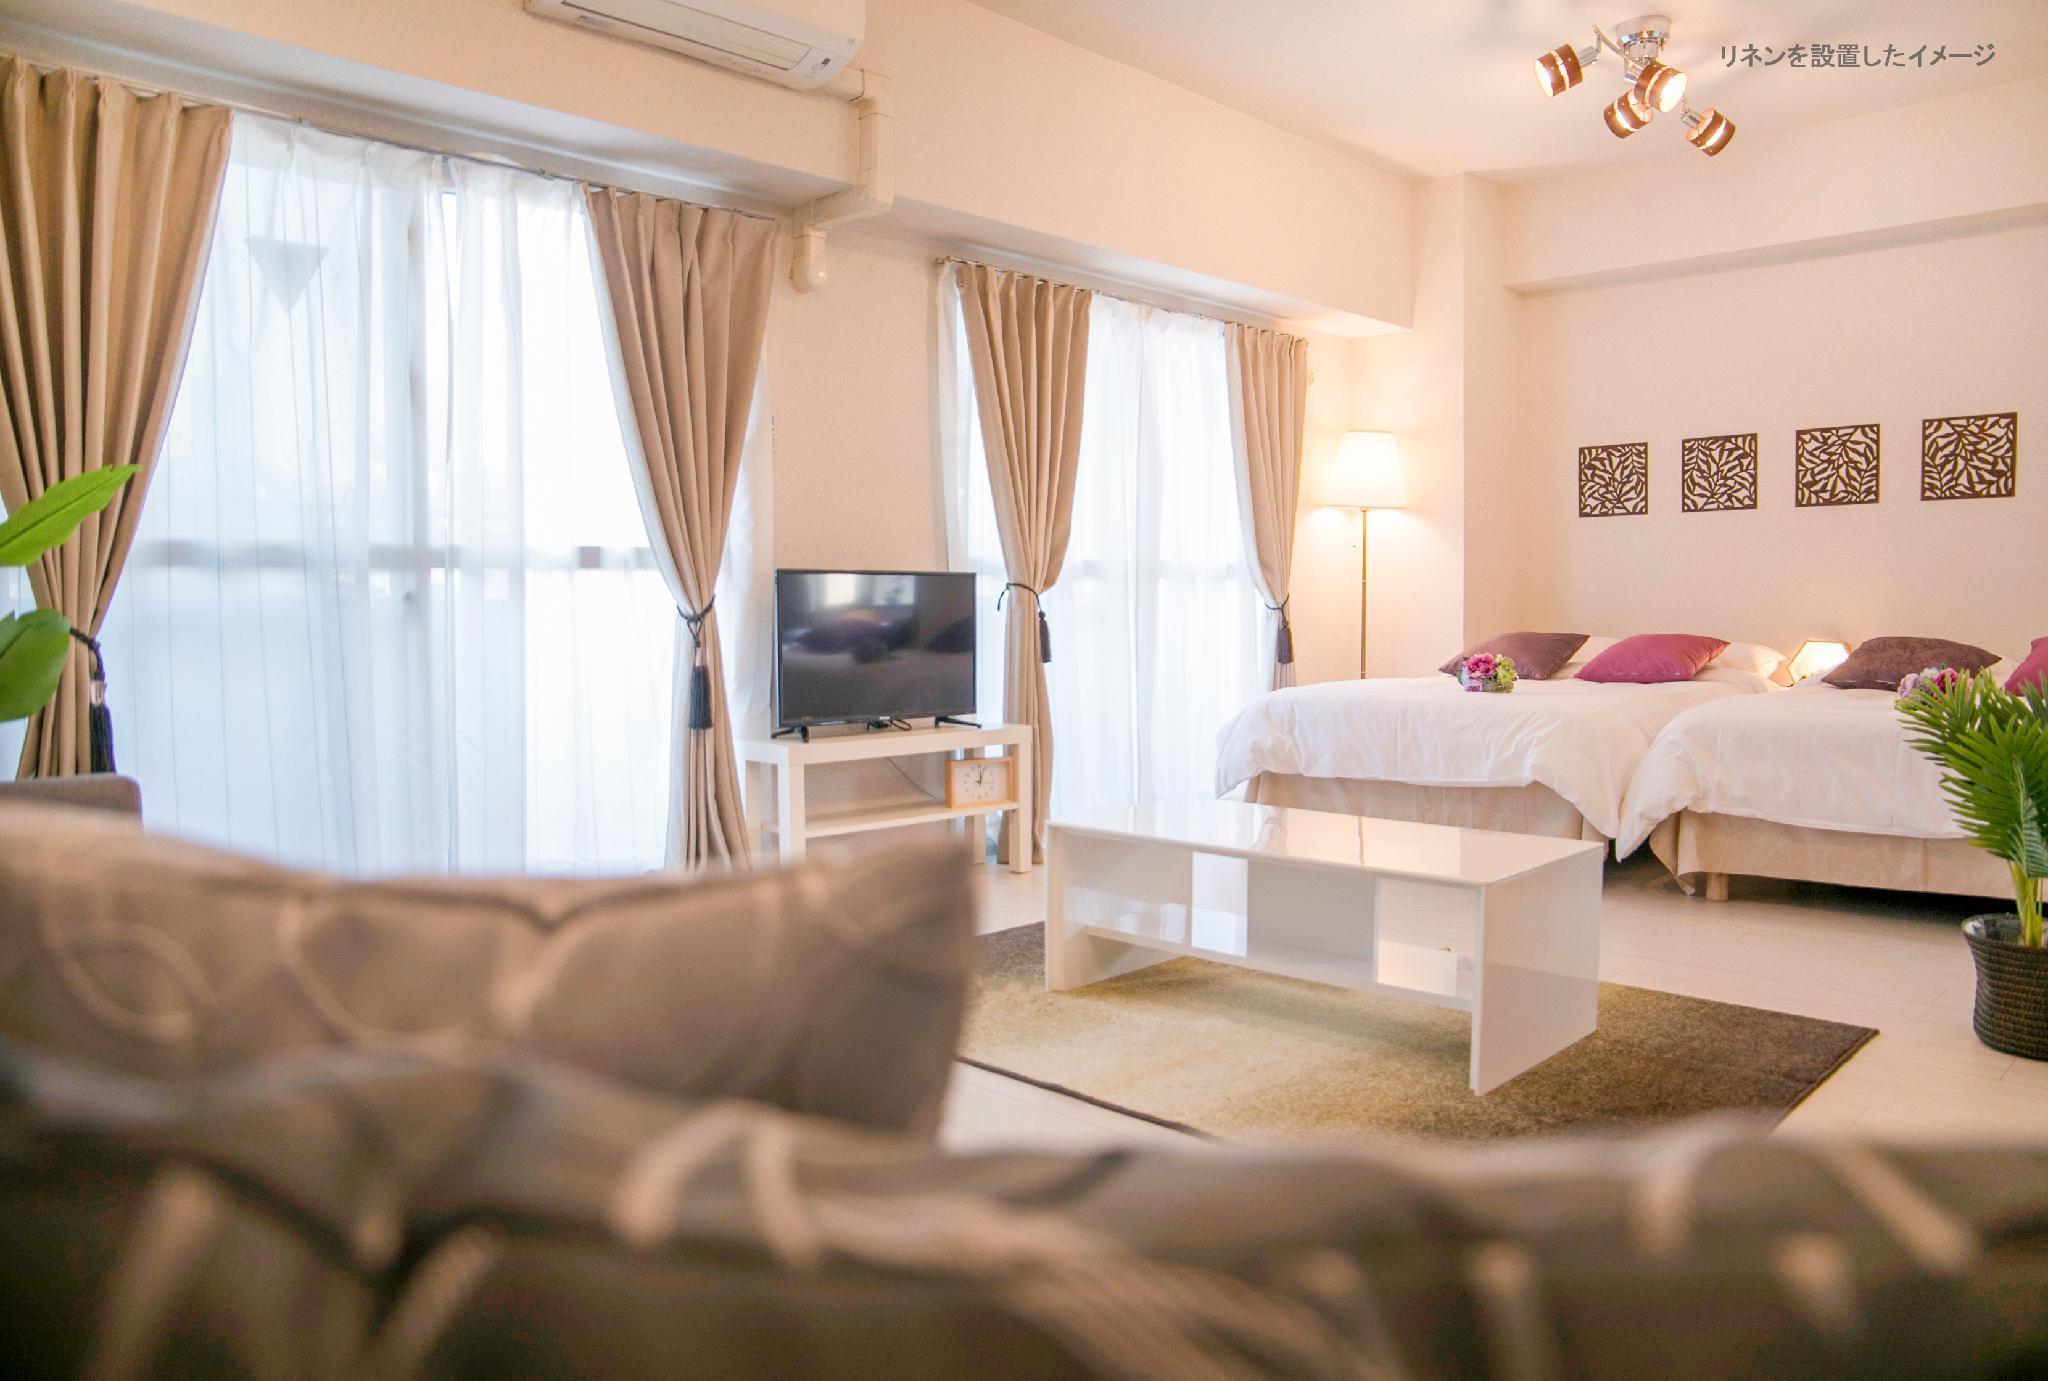 Osaka Family Suite House 7